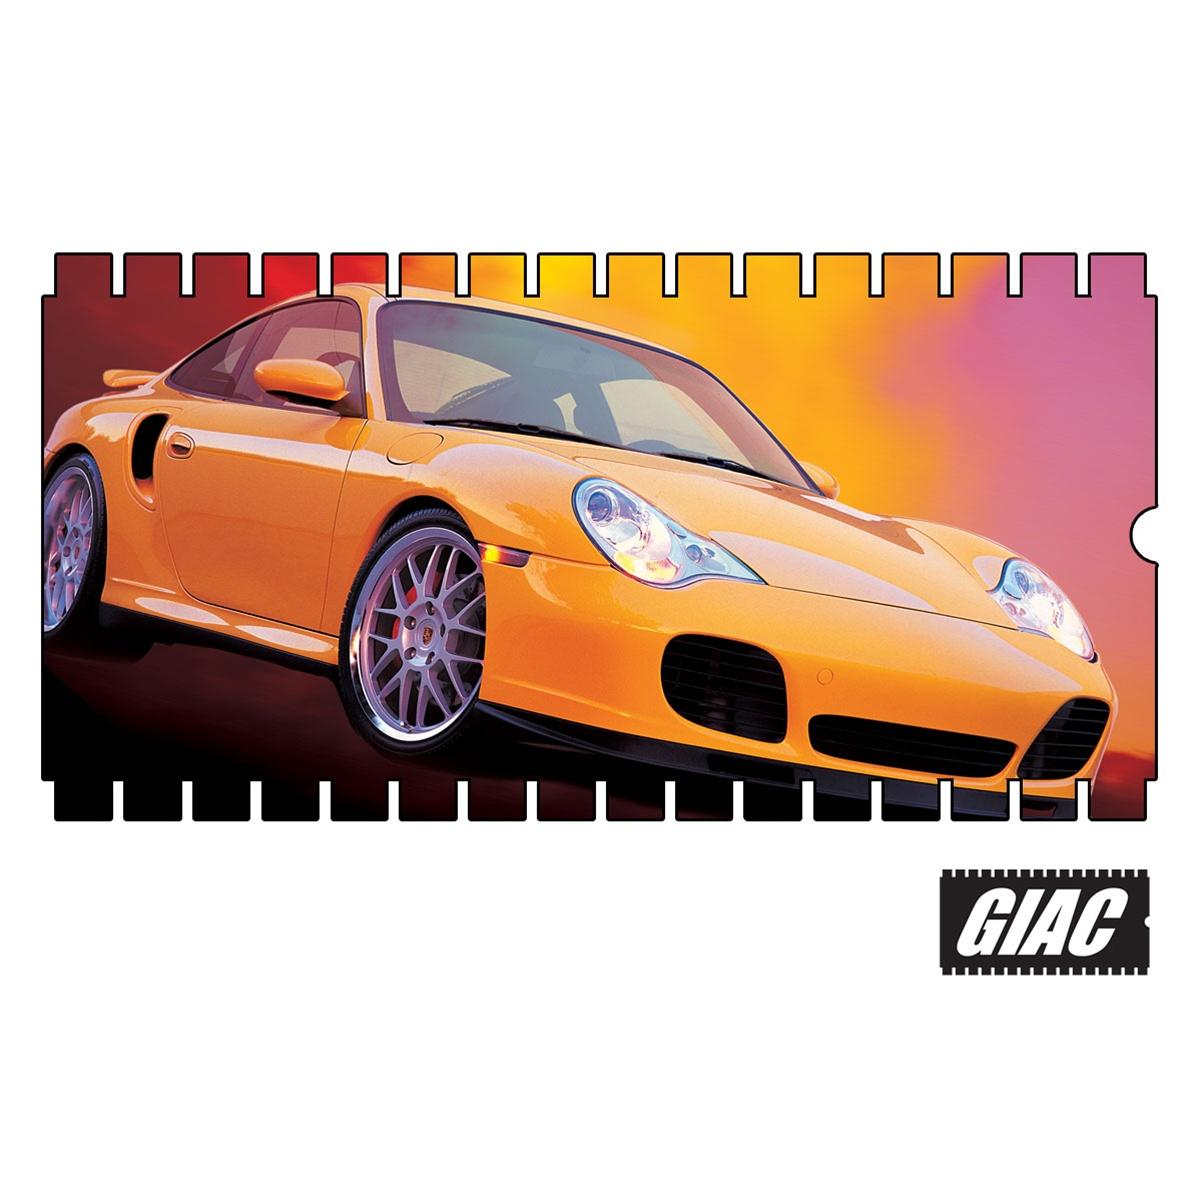 Porsche 996 Engine Code: Porsche 996 Turbo Performance Software (2001-2004